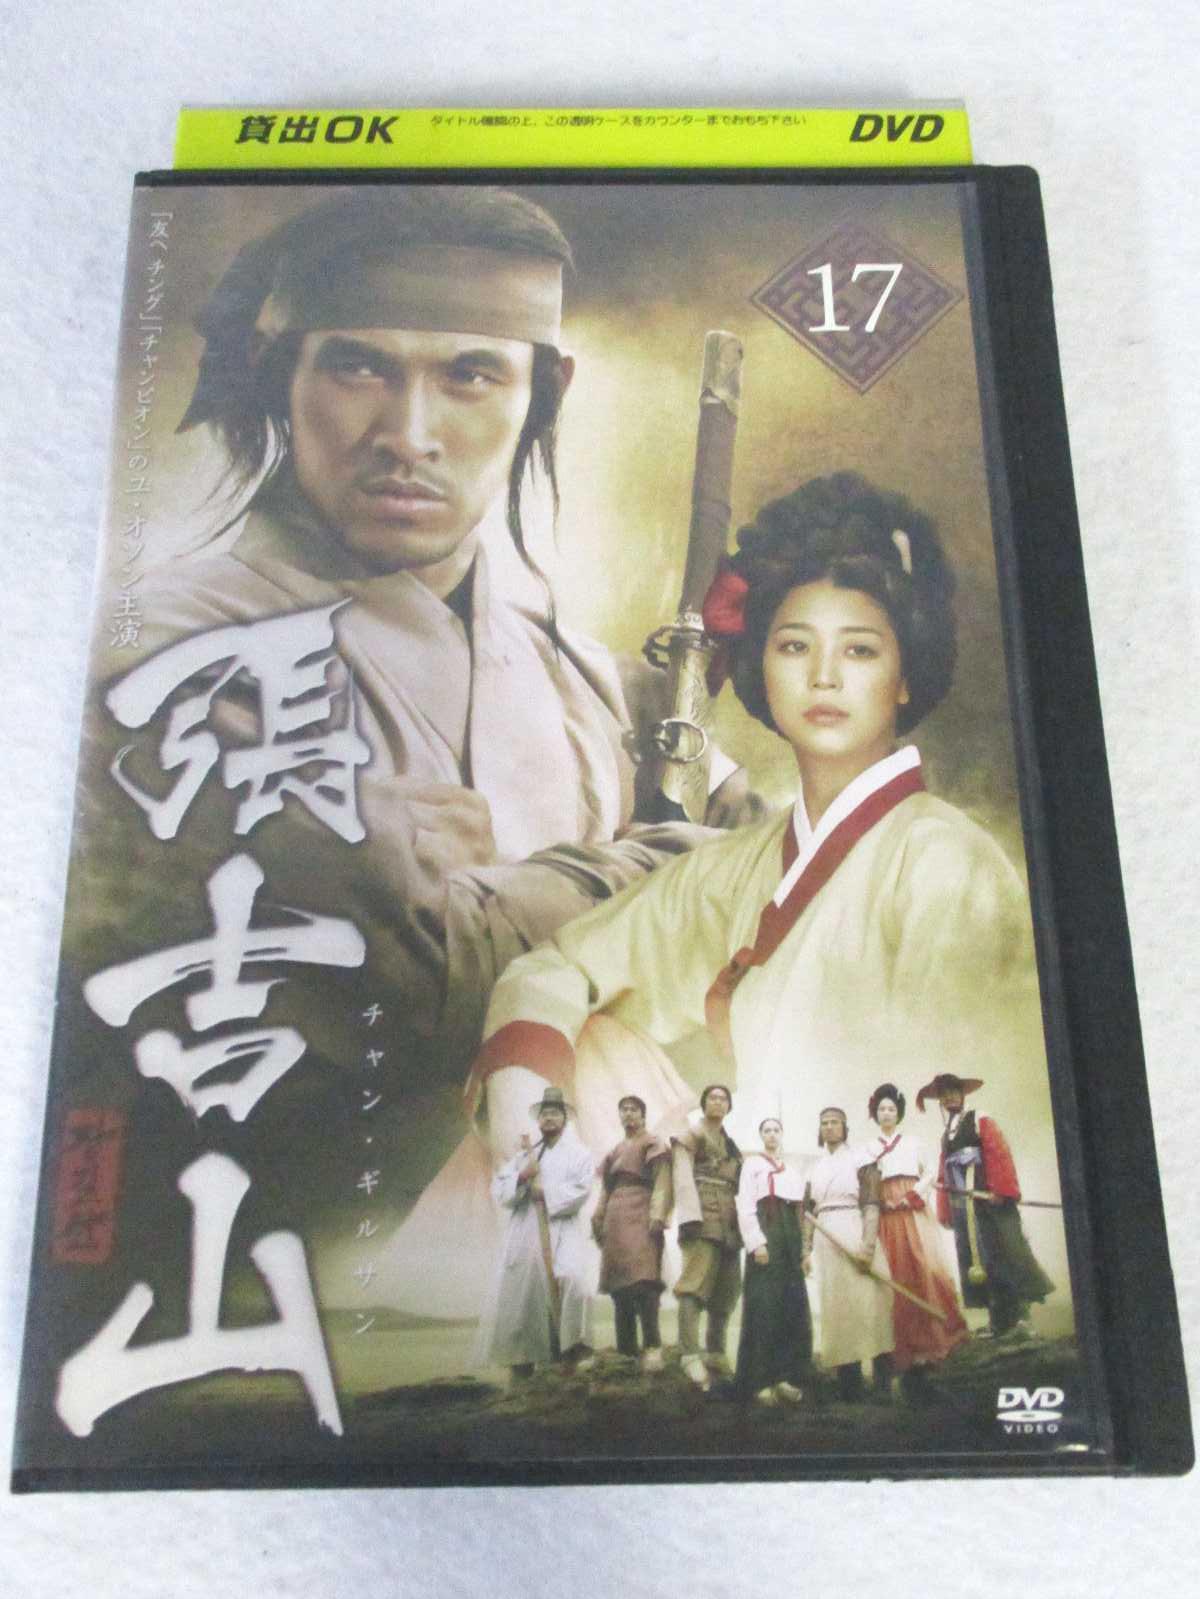 期間限定特価品 韓国の国民的英雄チャン ギルサン AD08141 中古 チャン 17 マーケティング DVD